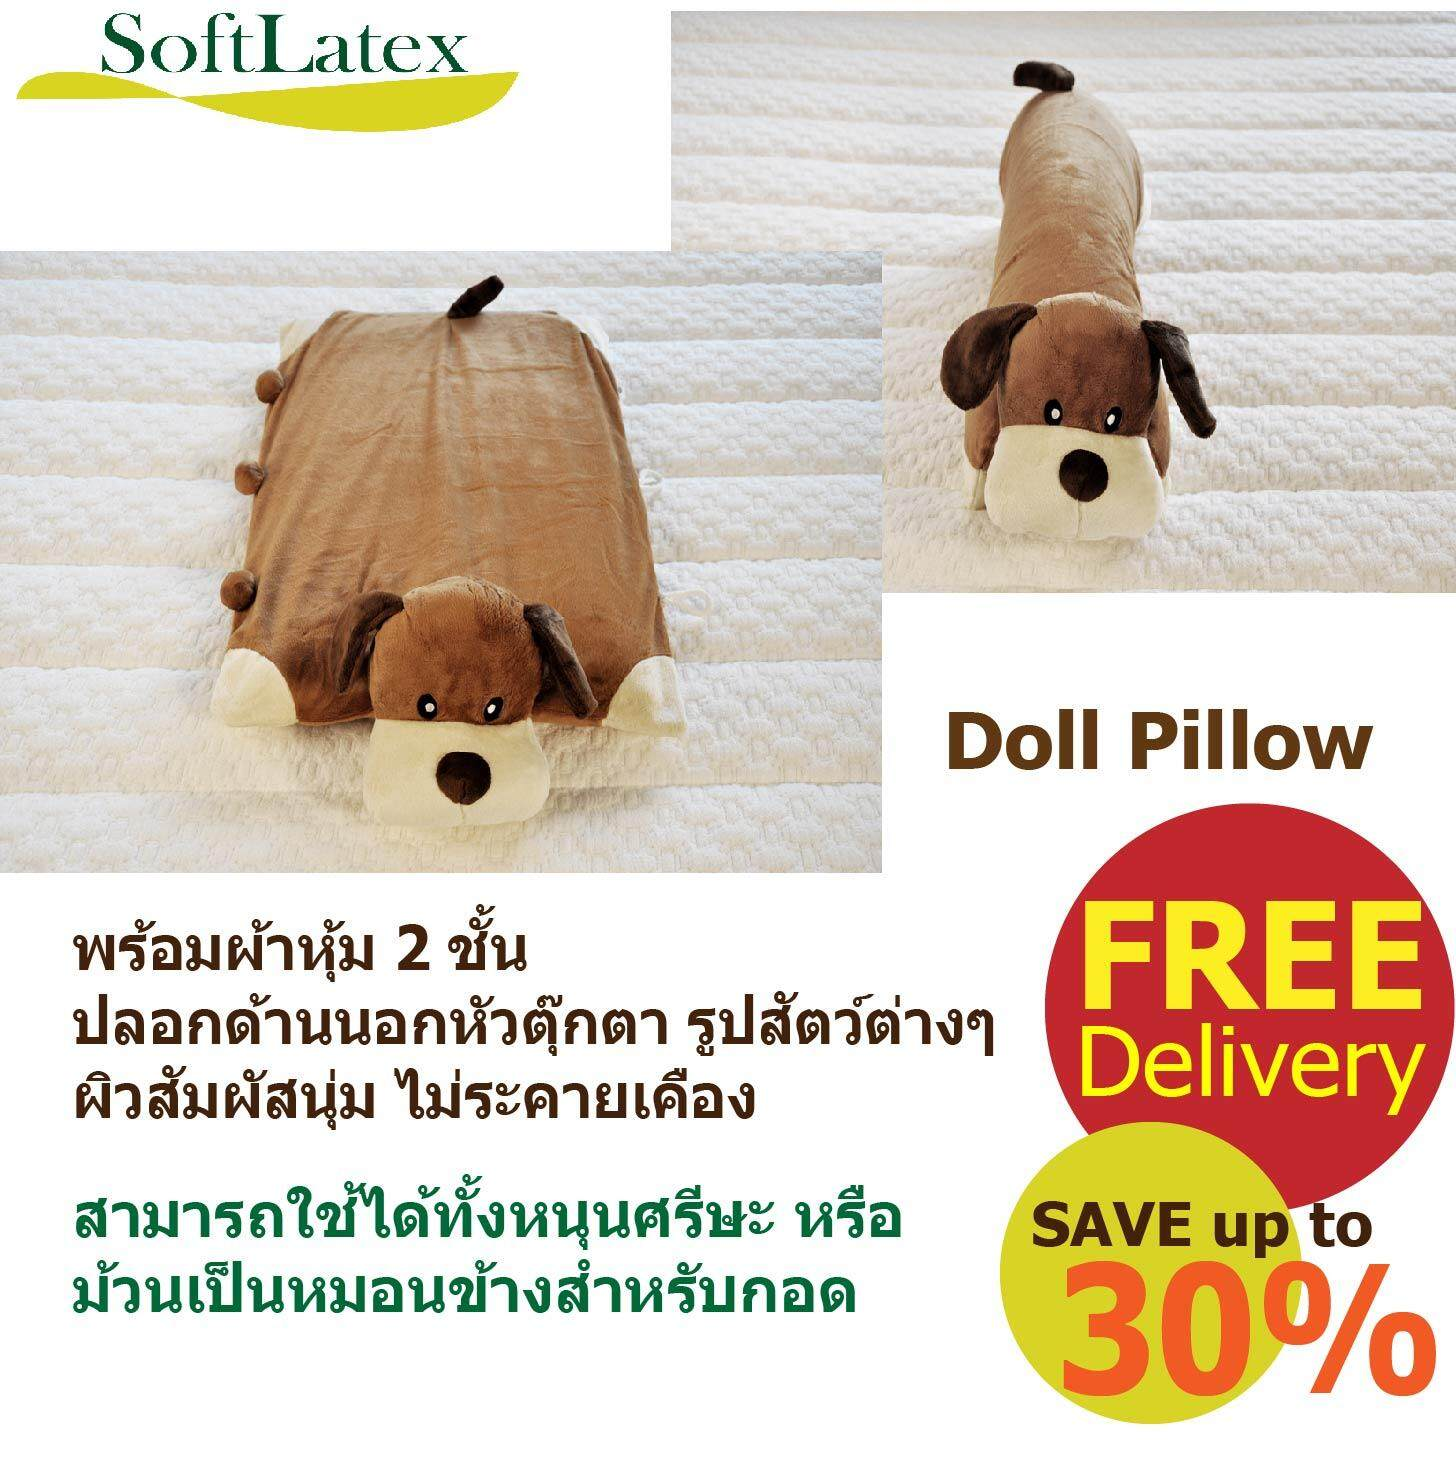 หมอนยางพารา ปลอกตุ๊กตาสำหรับเด็ก ซอฟท์ลาเท็กซ์ สามารถม้วนเป็นหมอนข้างได้ รูปสุนัข (natural Latex Doll Pillow : Dog) By Soft Latex.